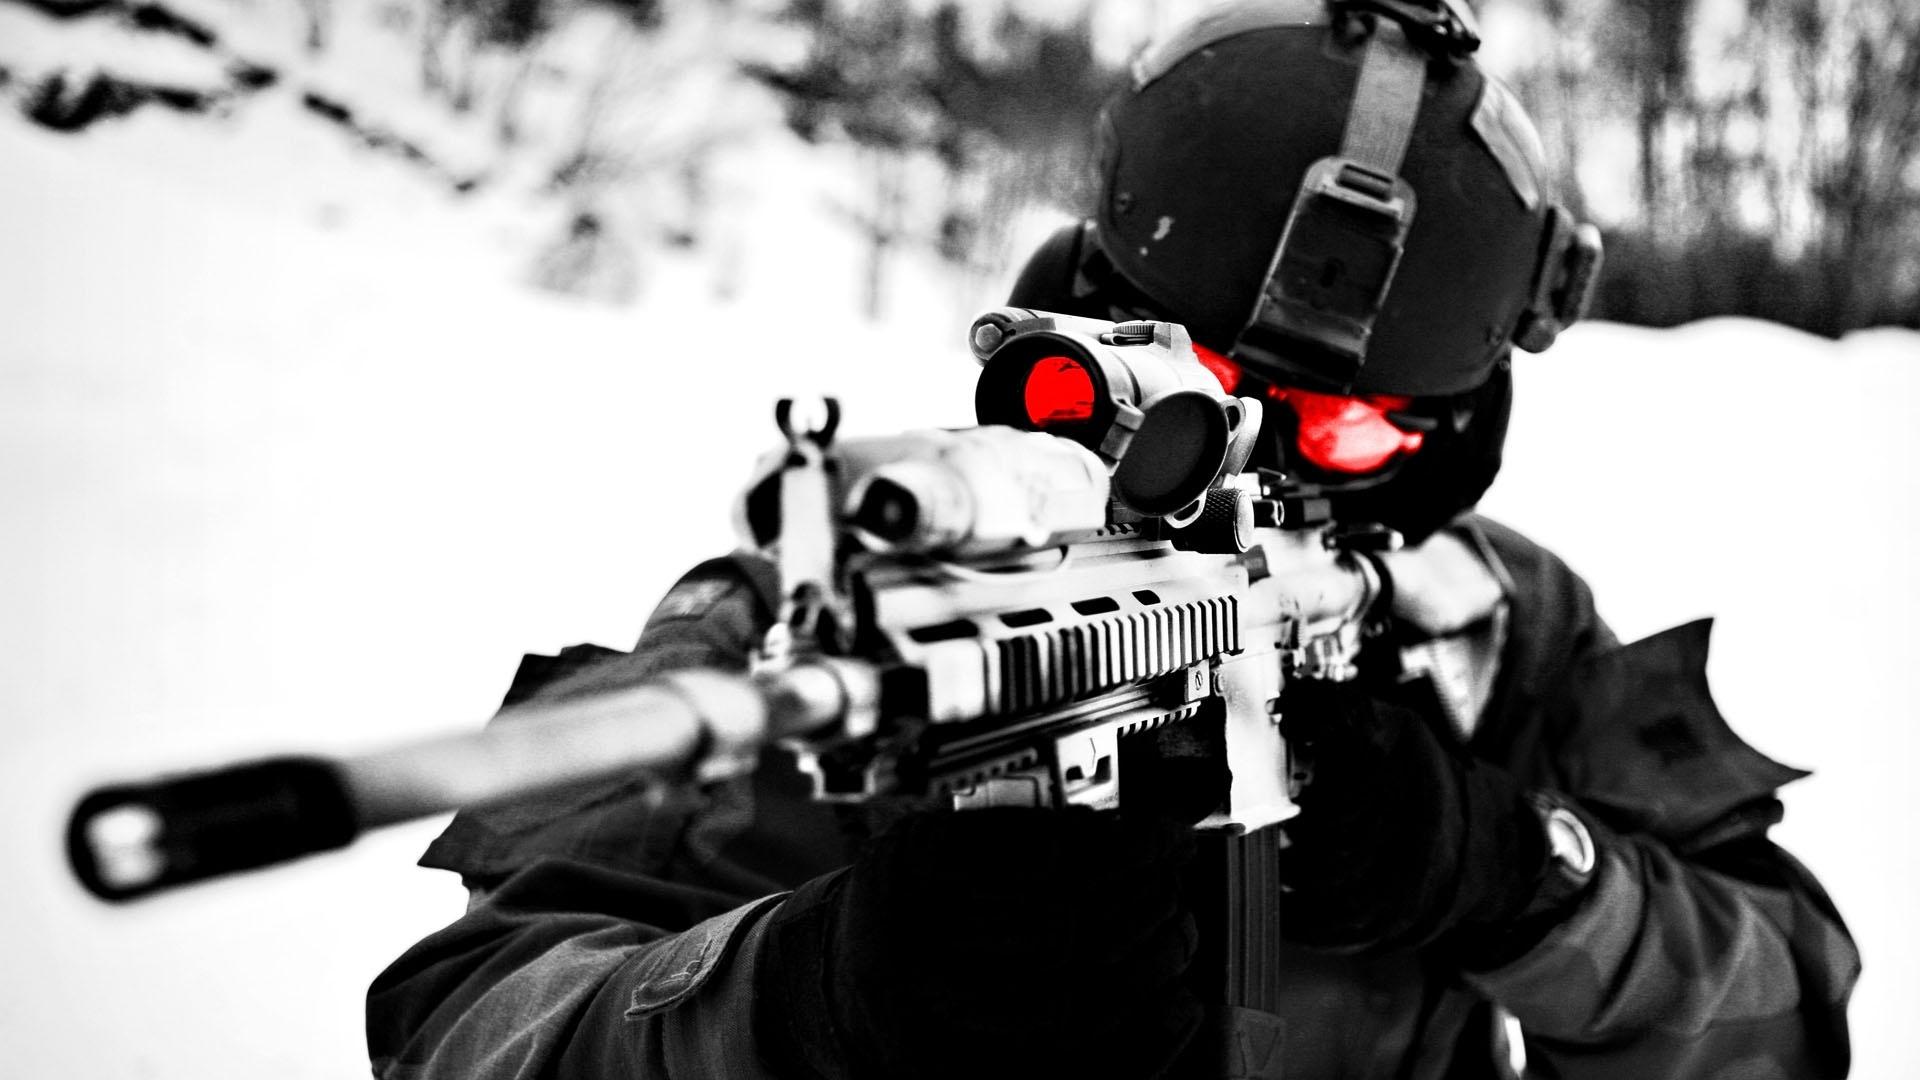 HQ Sniper In The Winter War 1920x1080 Wallpaper   HQ 1920x1080